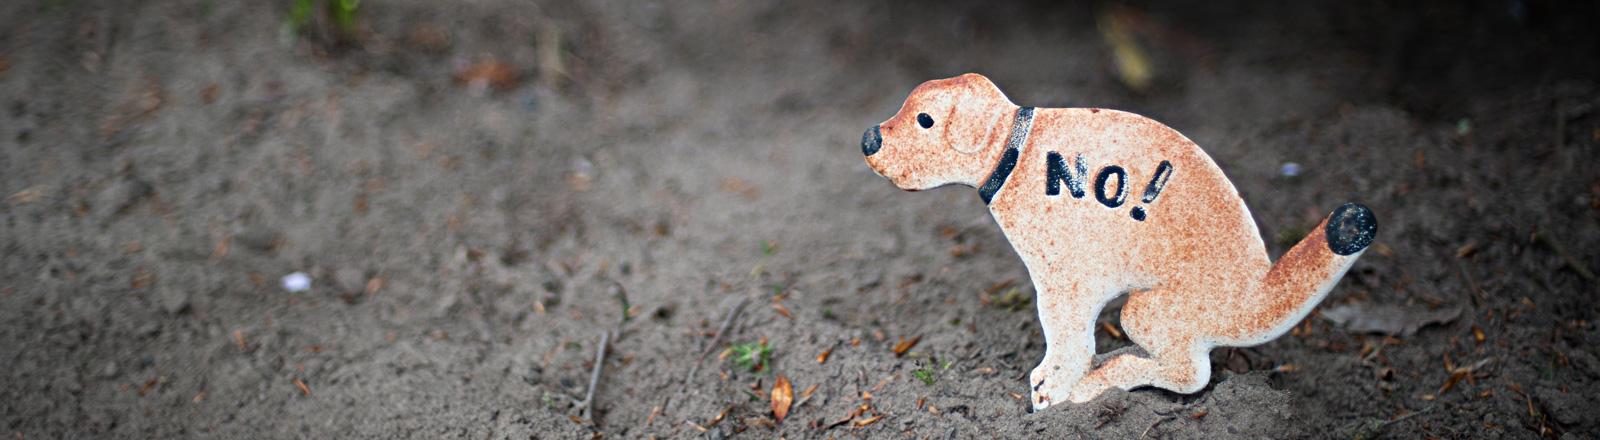 """Ein weiß-braunes Schild in Hundeform steht auf dem Boden. Der Hund ist in Kackhaltung. Auf dem Hund steht """"No!""""."""